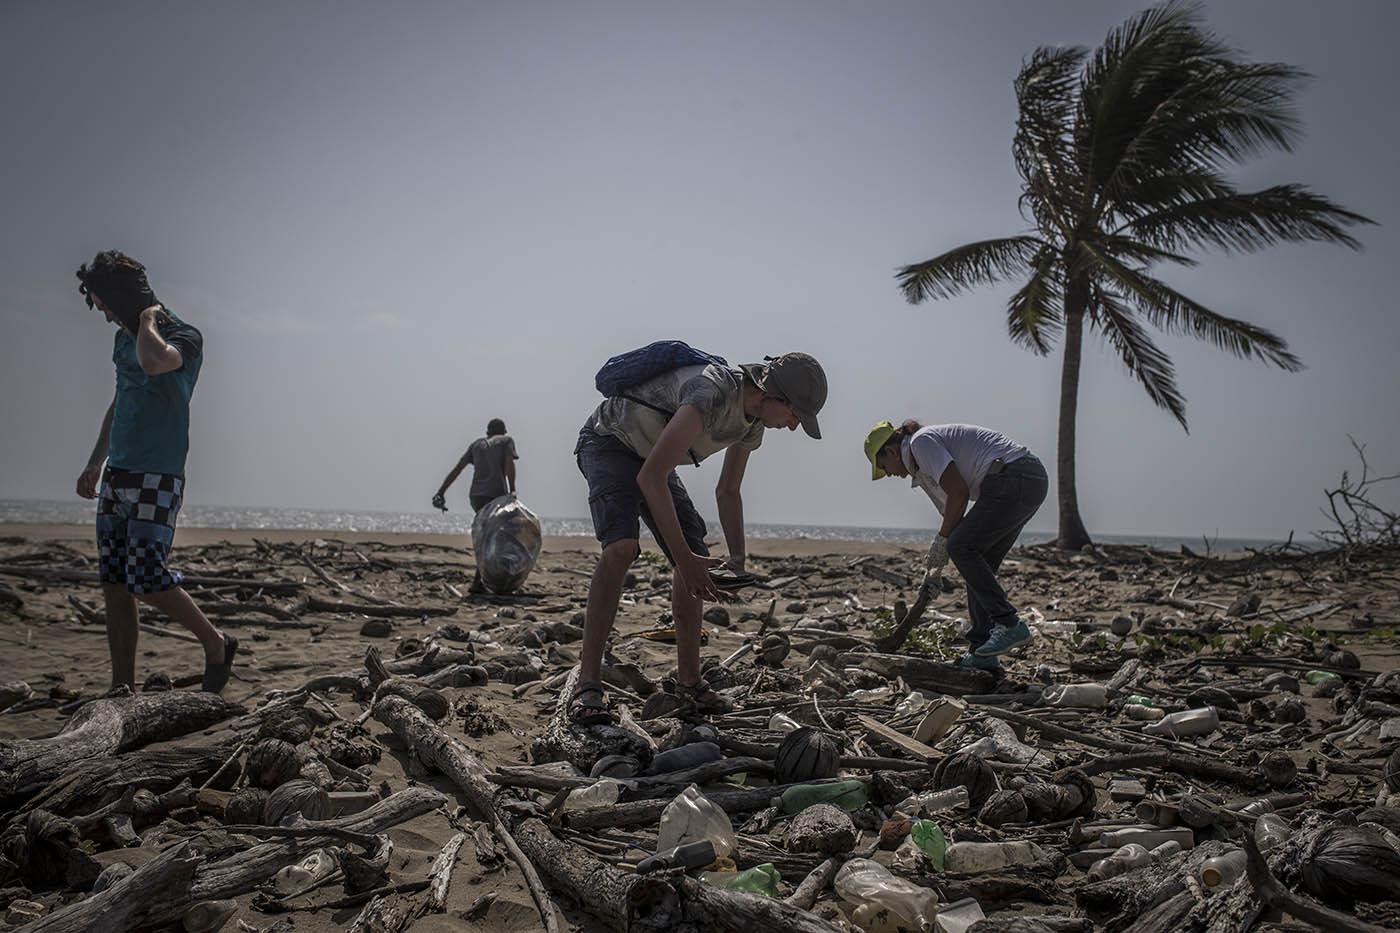 beach clean-up el toro 4-17 (6).jpg